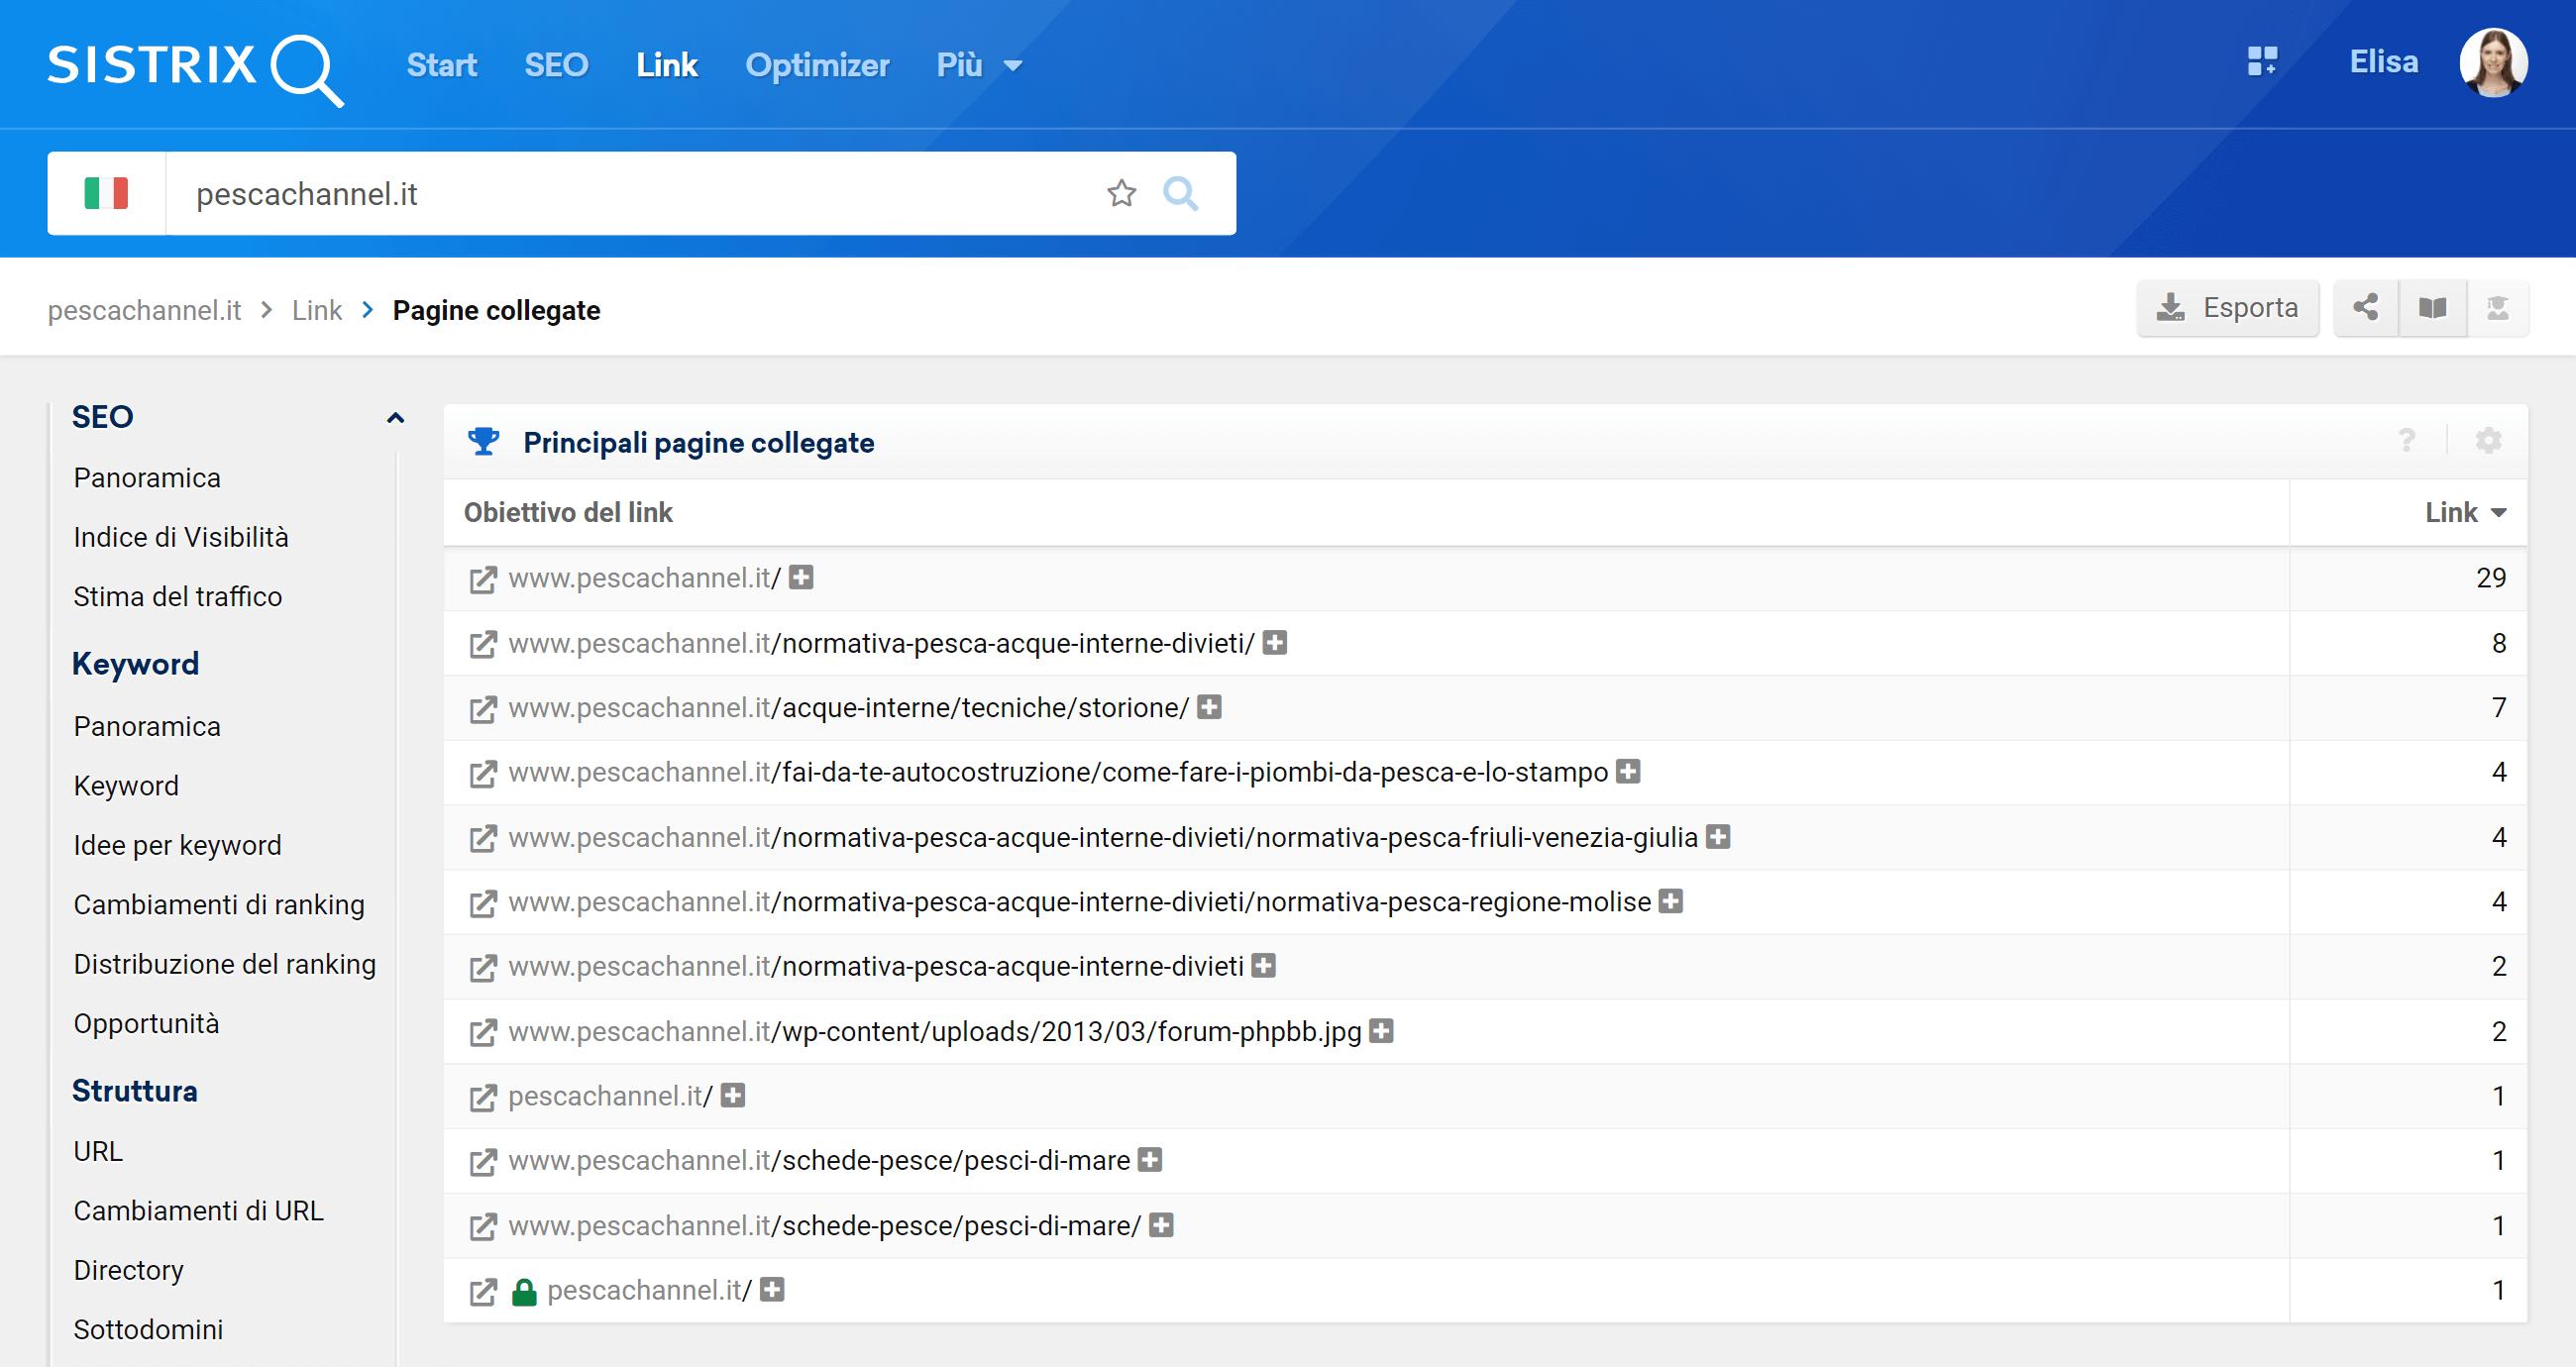 Pagine che ricevono più link di pescachannel.it - SISTRIX